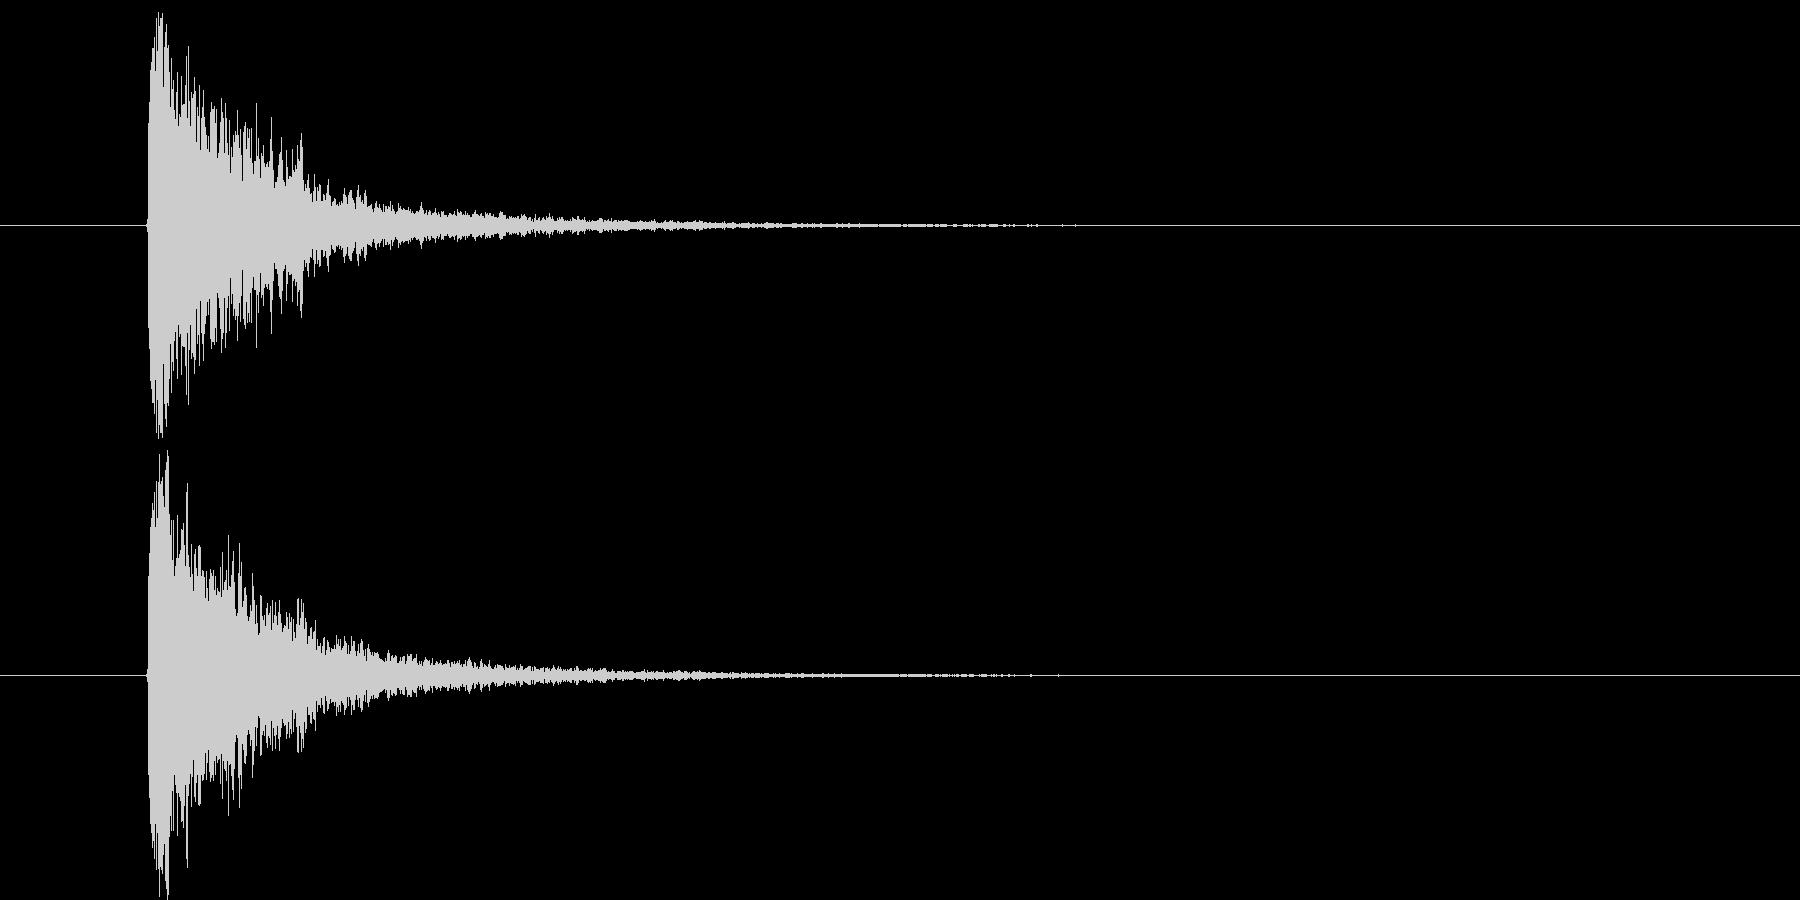 スネア音_メタルコア・ラウド系の未再生の波形